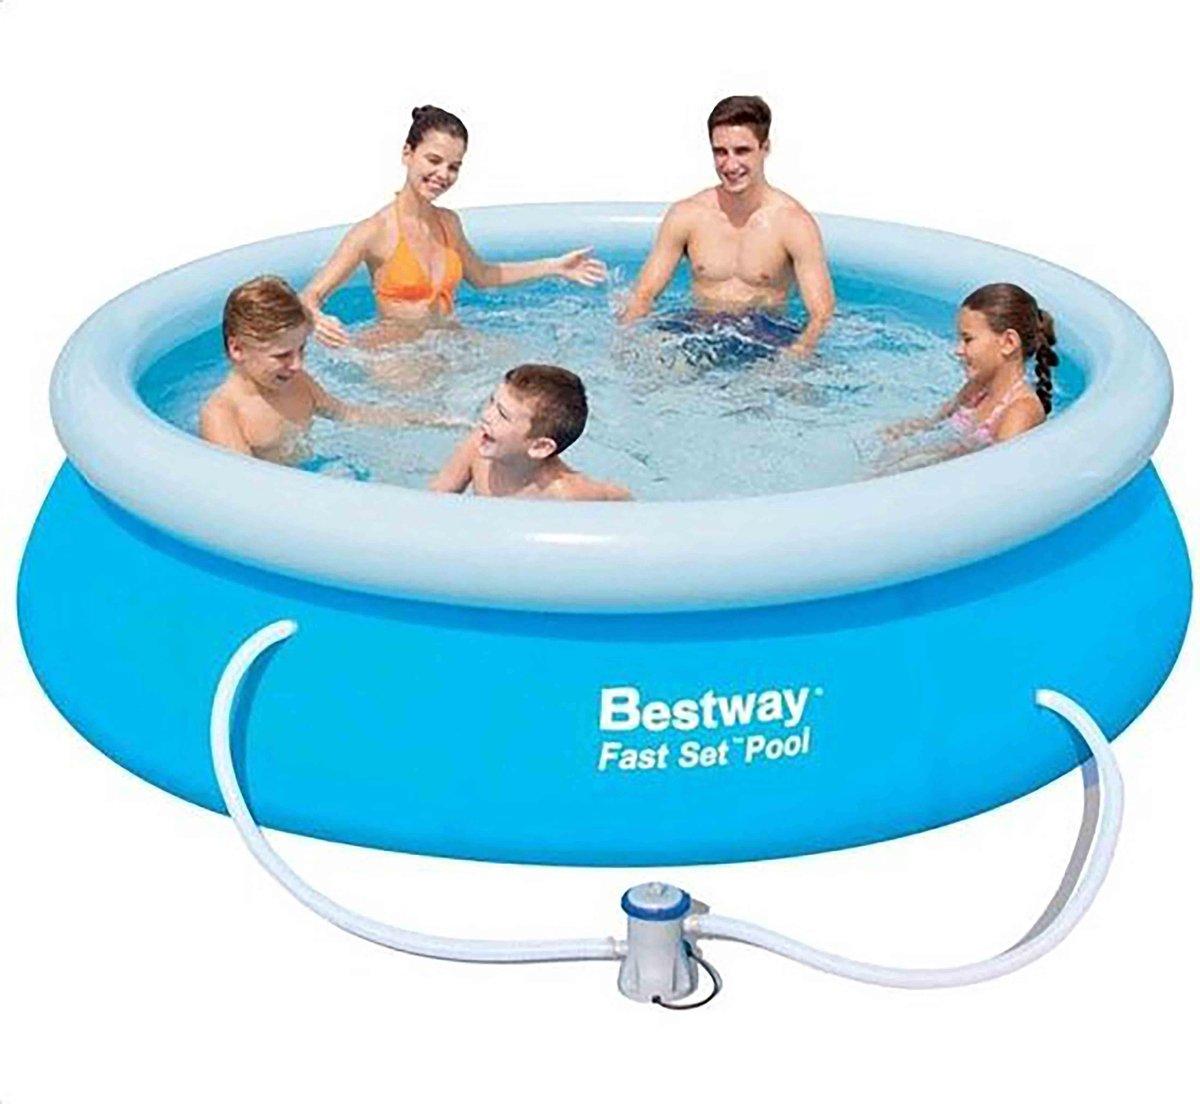 TWEE STUKS - Bestway opblaasbaar zwembad - Fast Set - diameter 305 cm, hoogte 76 cm - met filterpomp